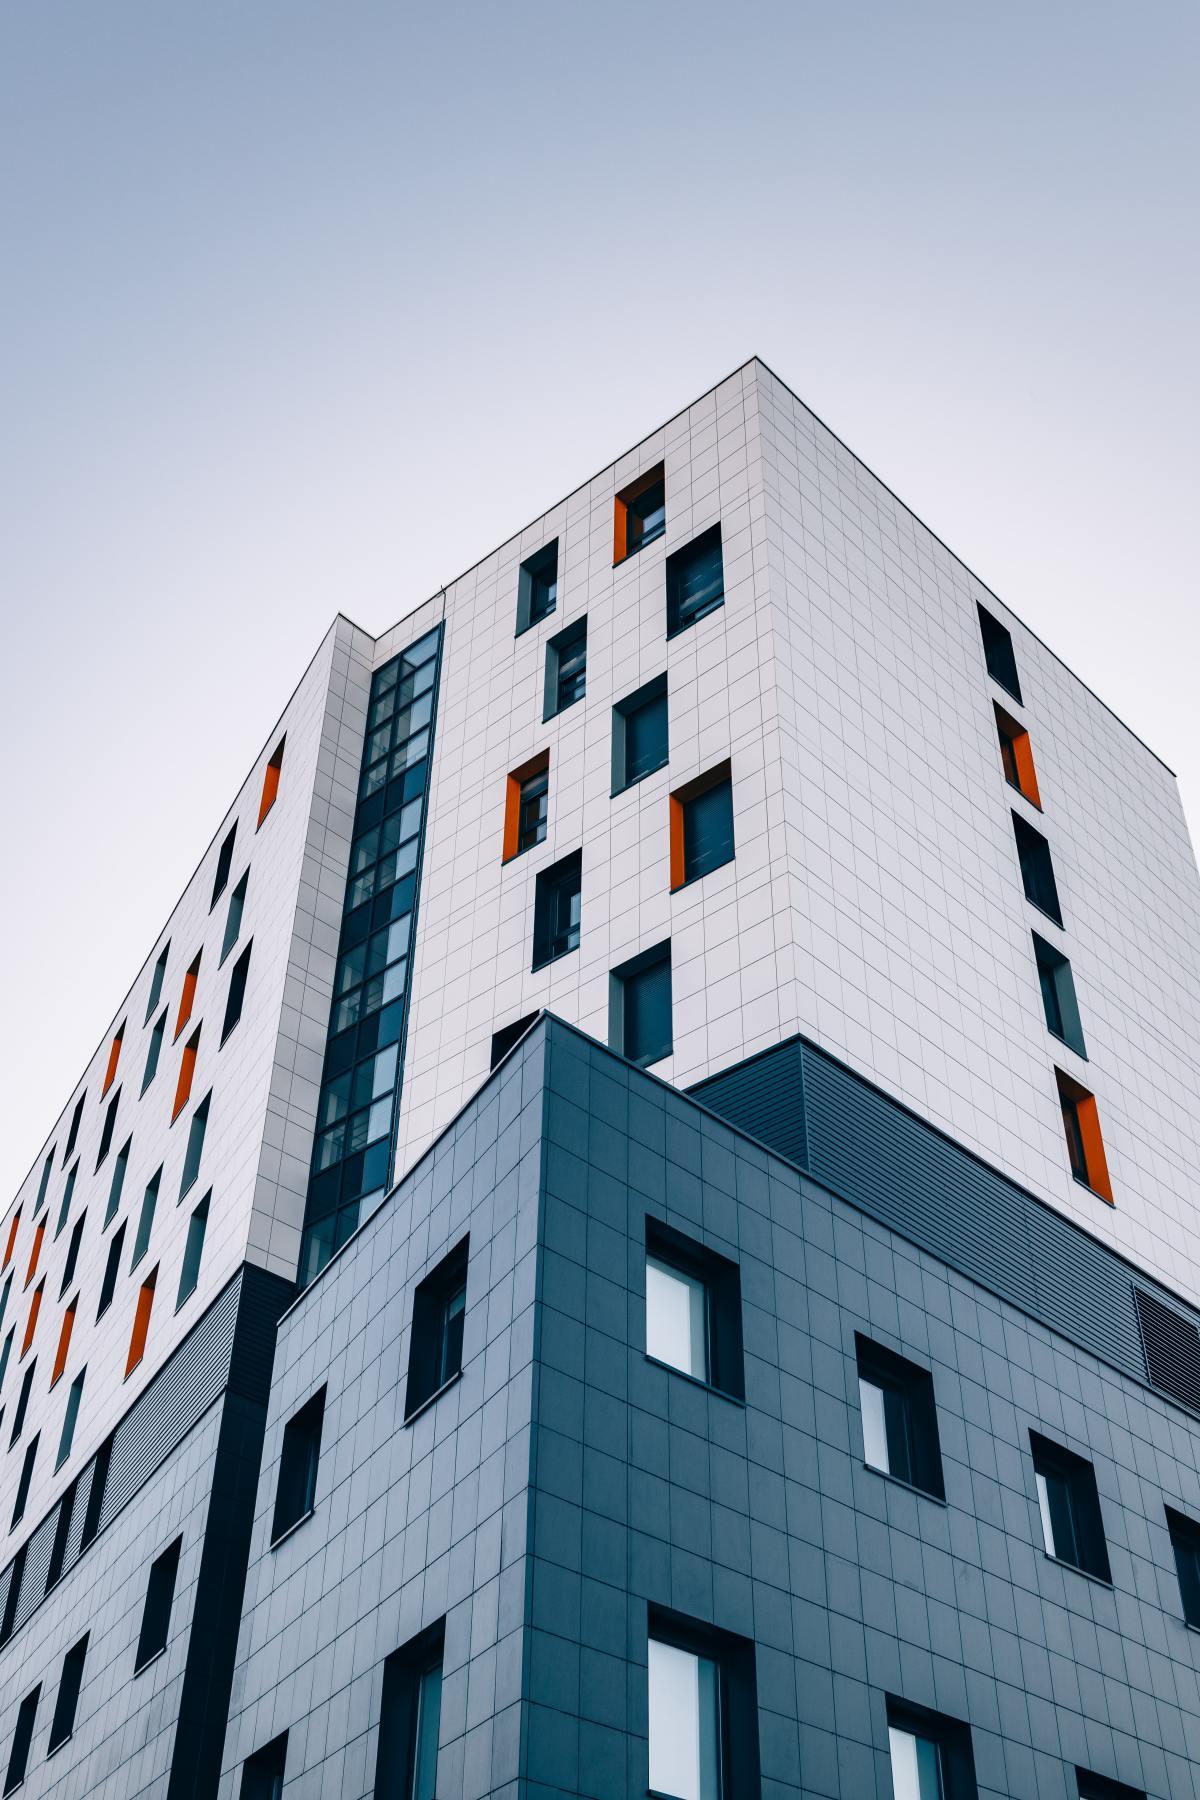 Investissement locatif à Rennes - Une résidence neuve